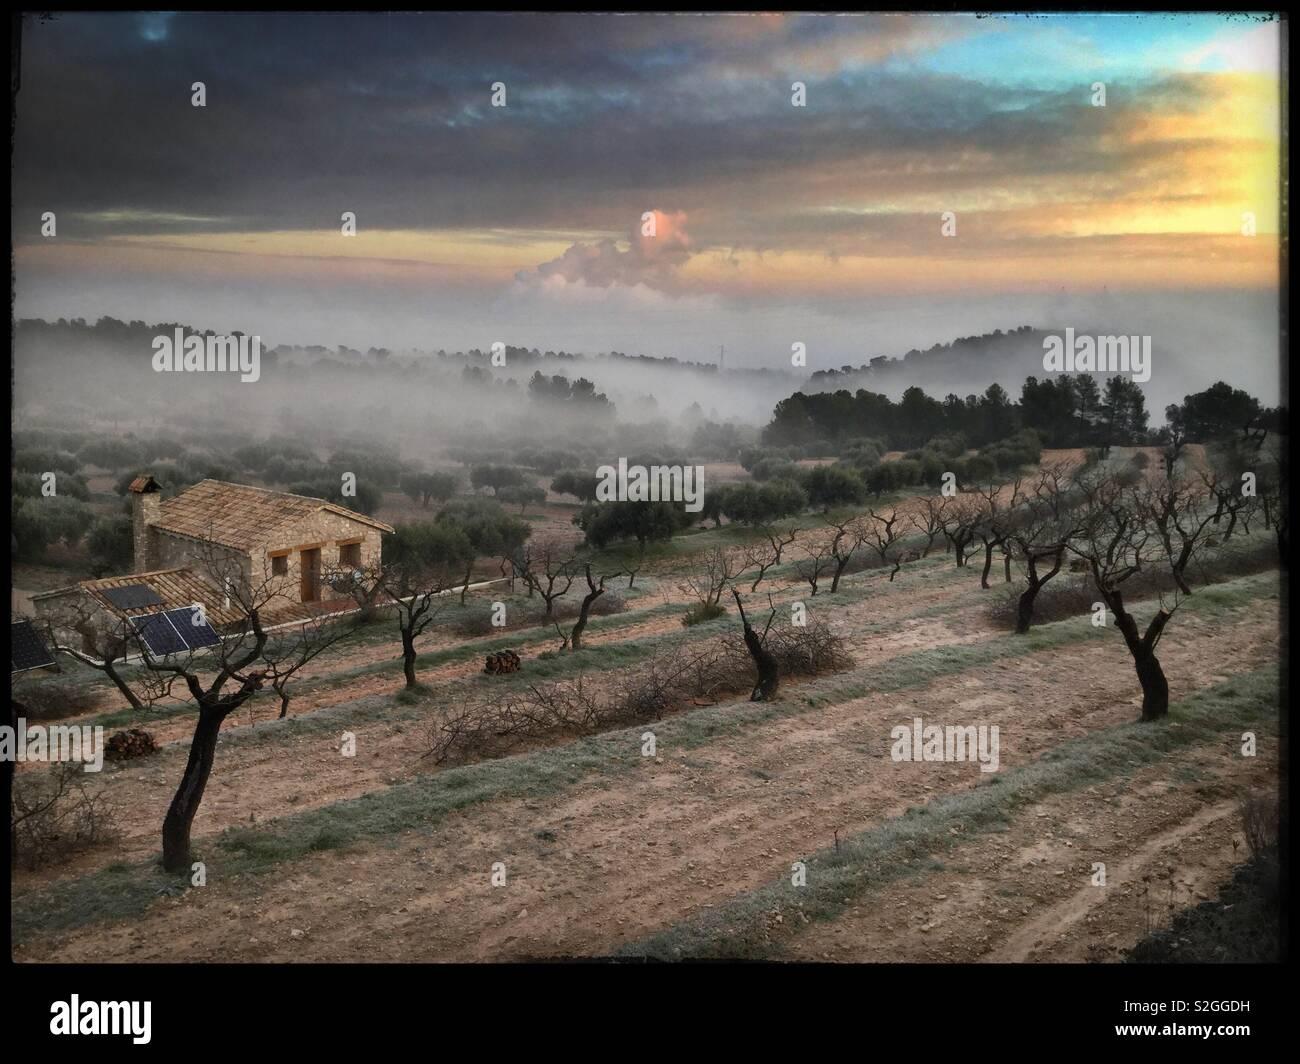 Una vista del amanecer de invierno a través de una granja de olivos y almendros, Cataluña, España. Imagen De Stock